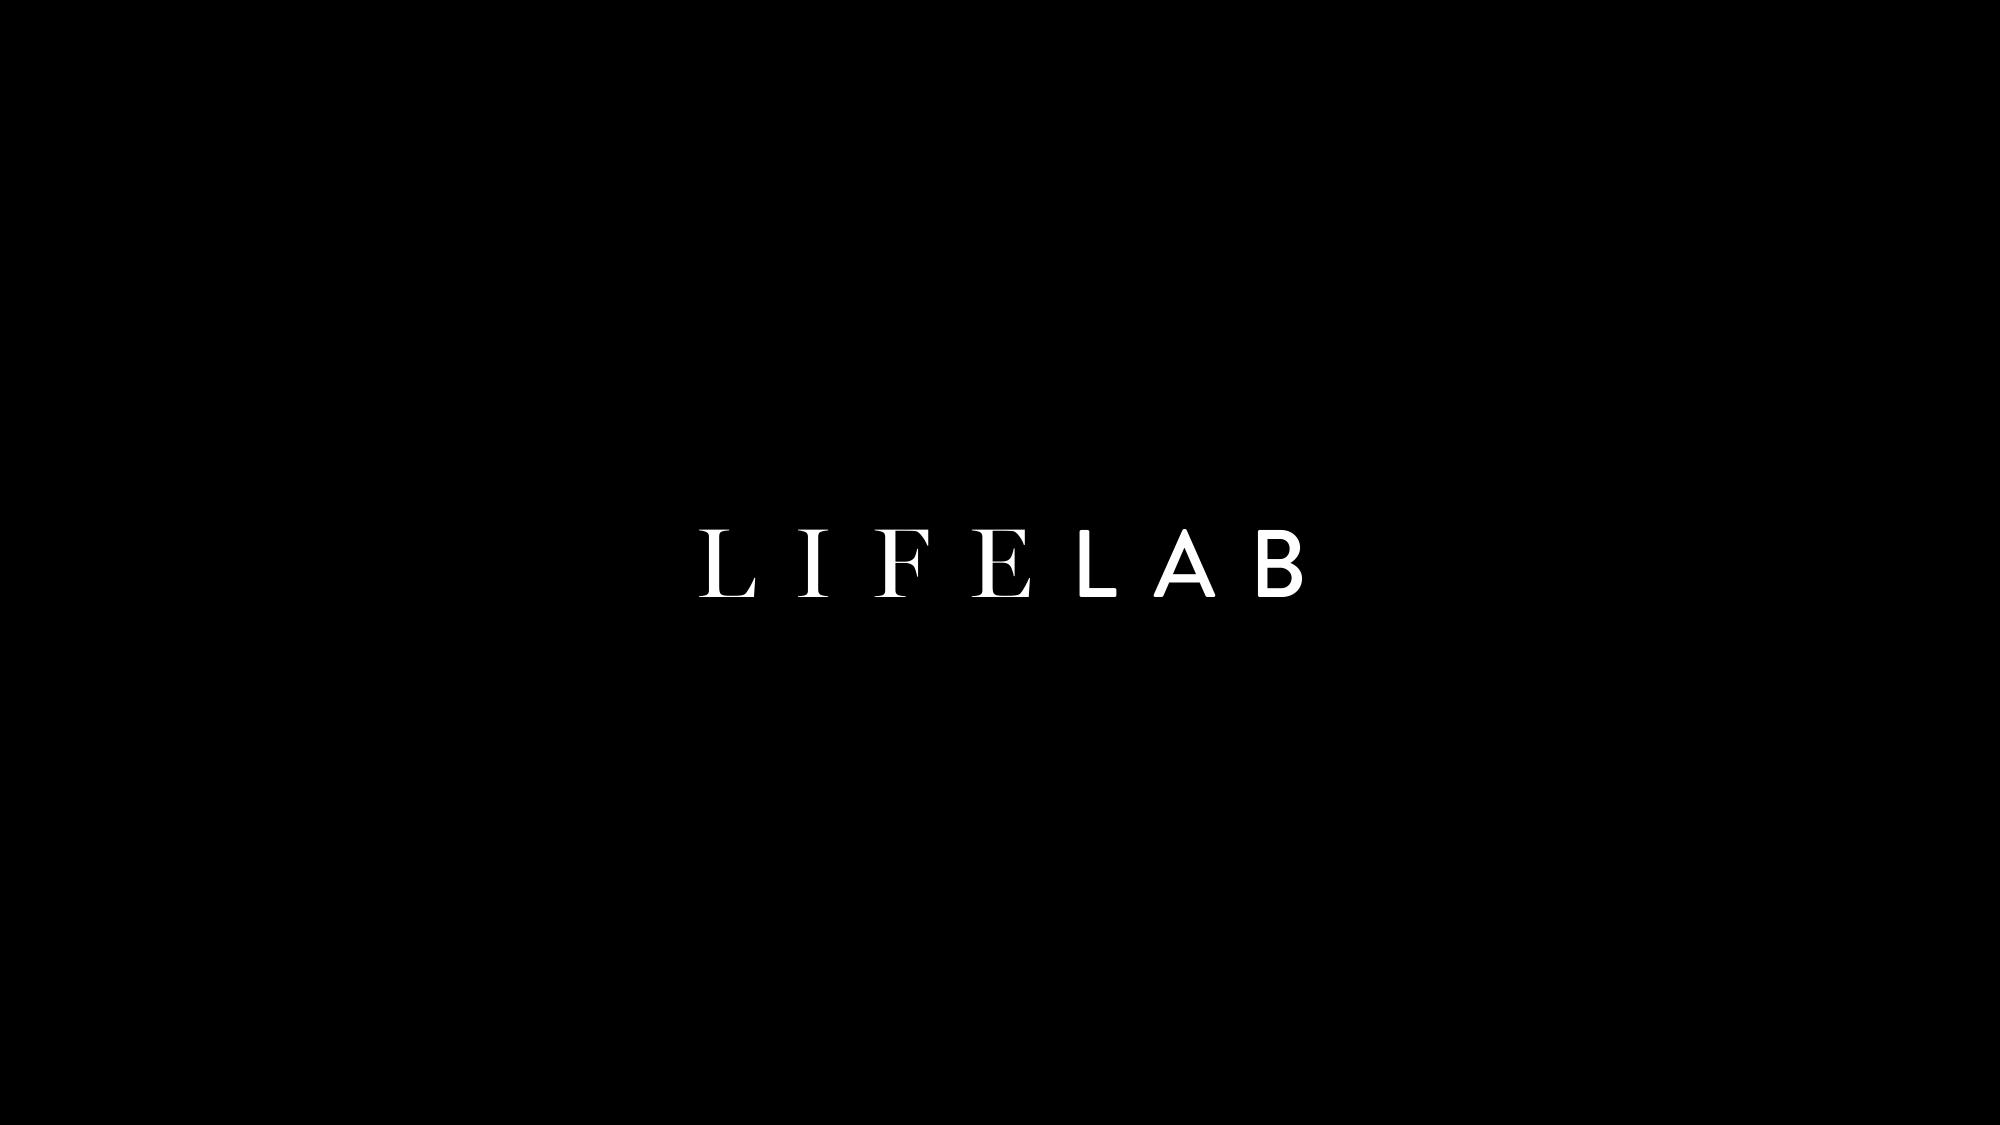 lifelab_logo2